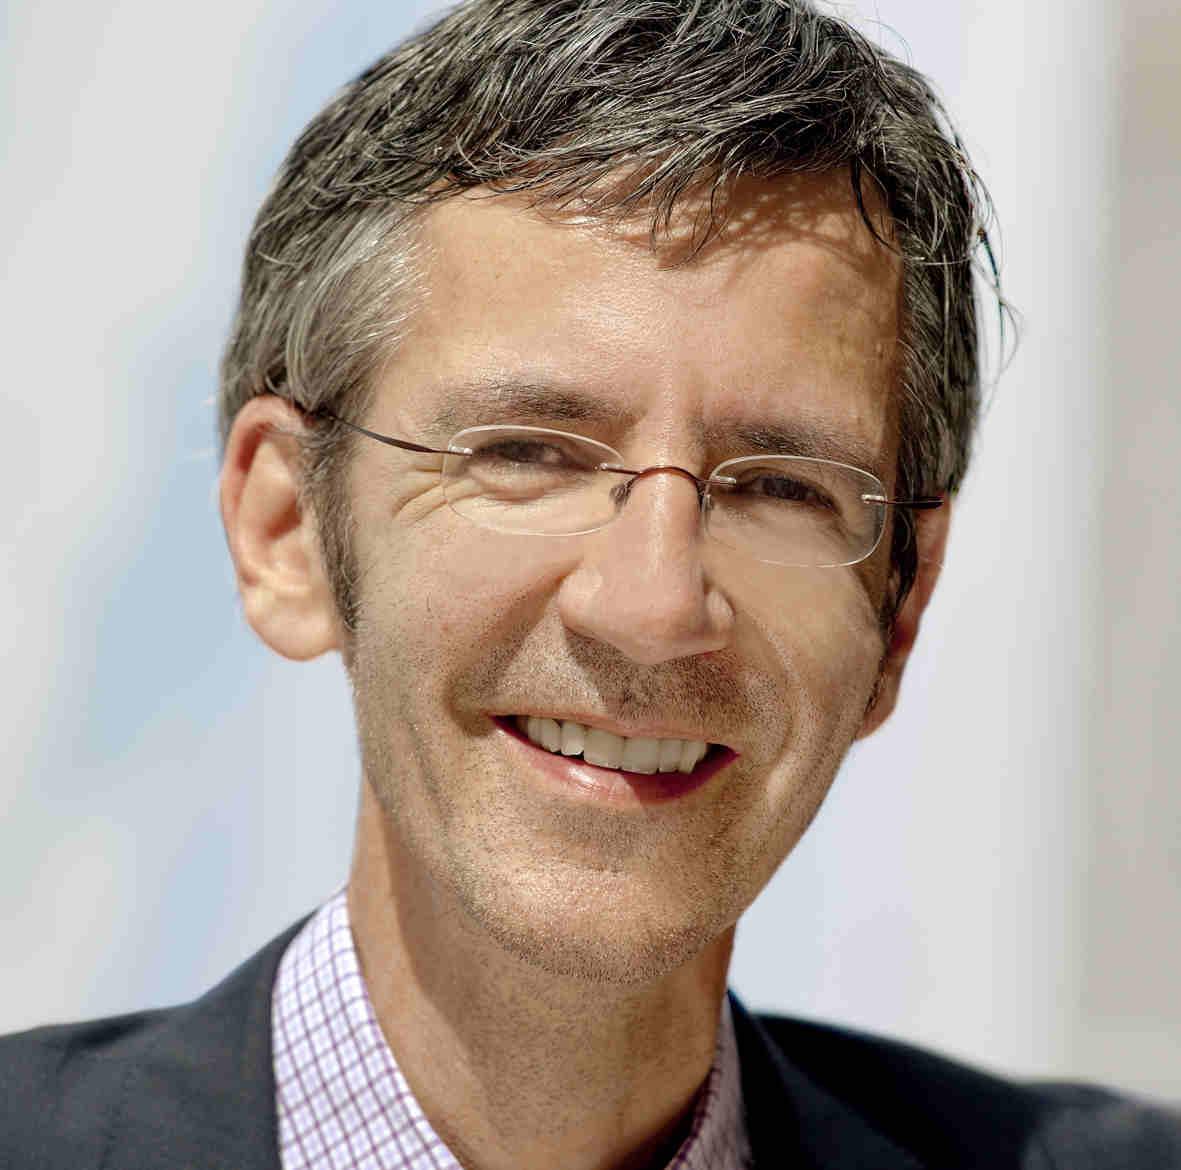 Kristian Kropp, 1.Vorsitzender RPR Hilft e.V. und RPR1.Geschäftsführer